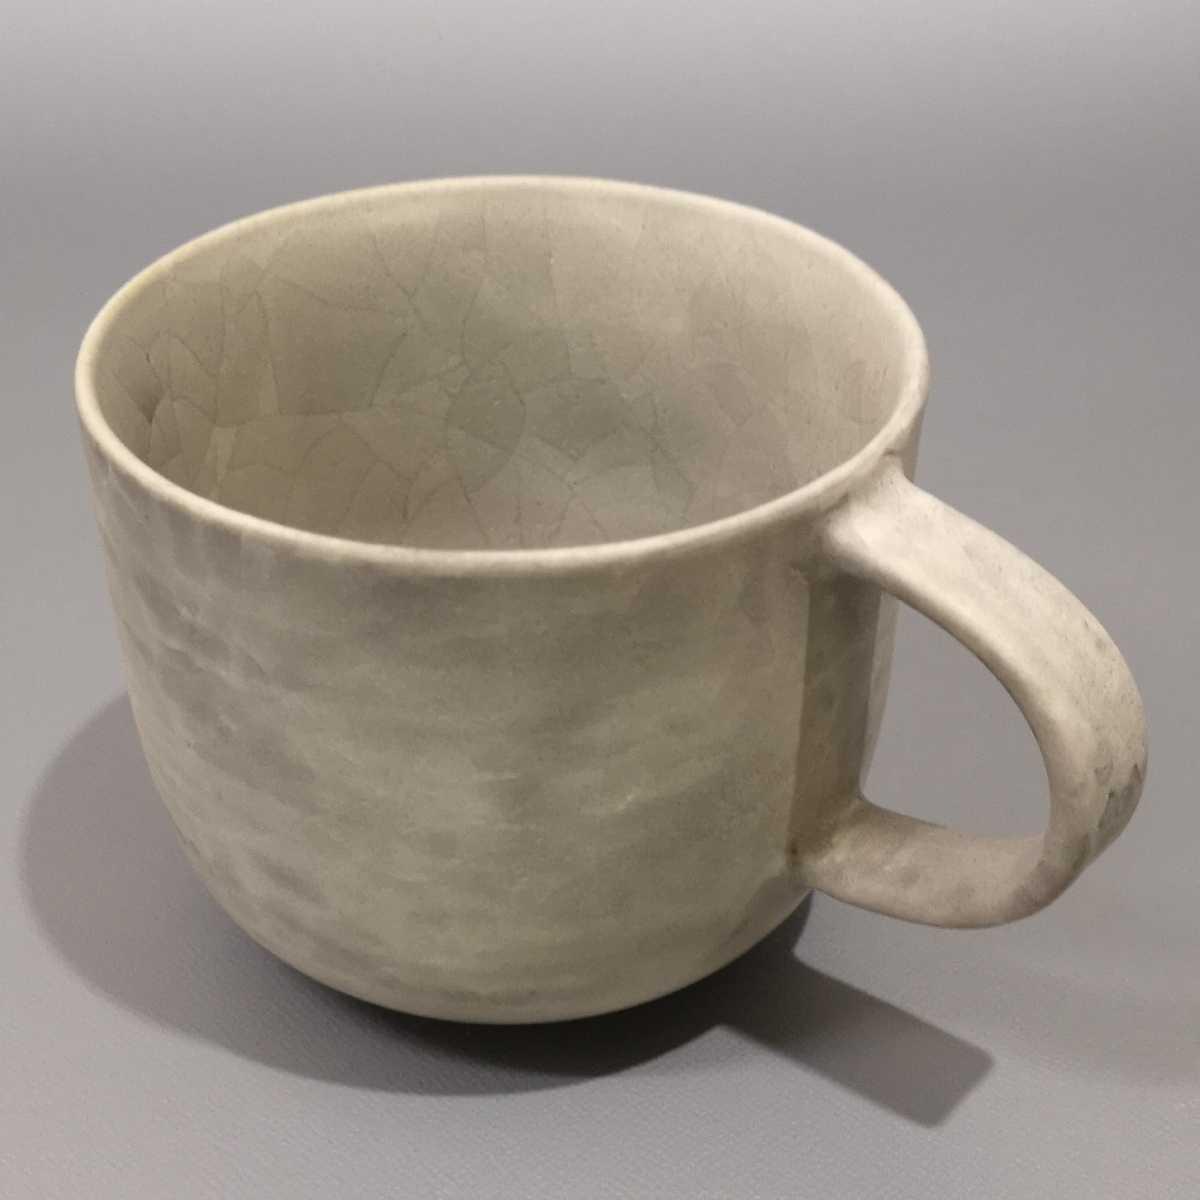 叶46)萩焼 コーヒーカップ マグカップ 珈琲器 未使用新品 同梱歓迎_画像8